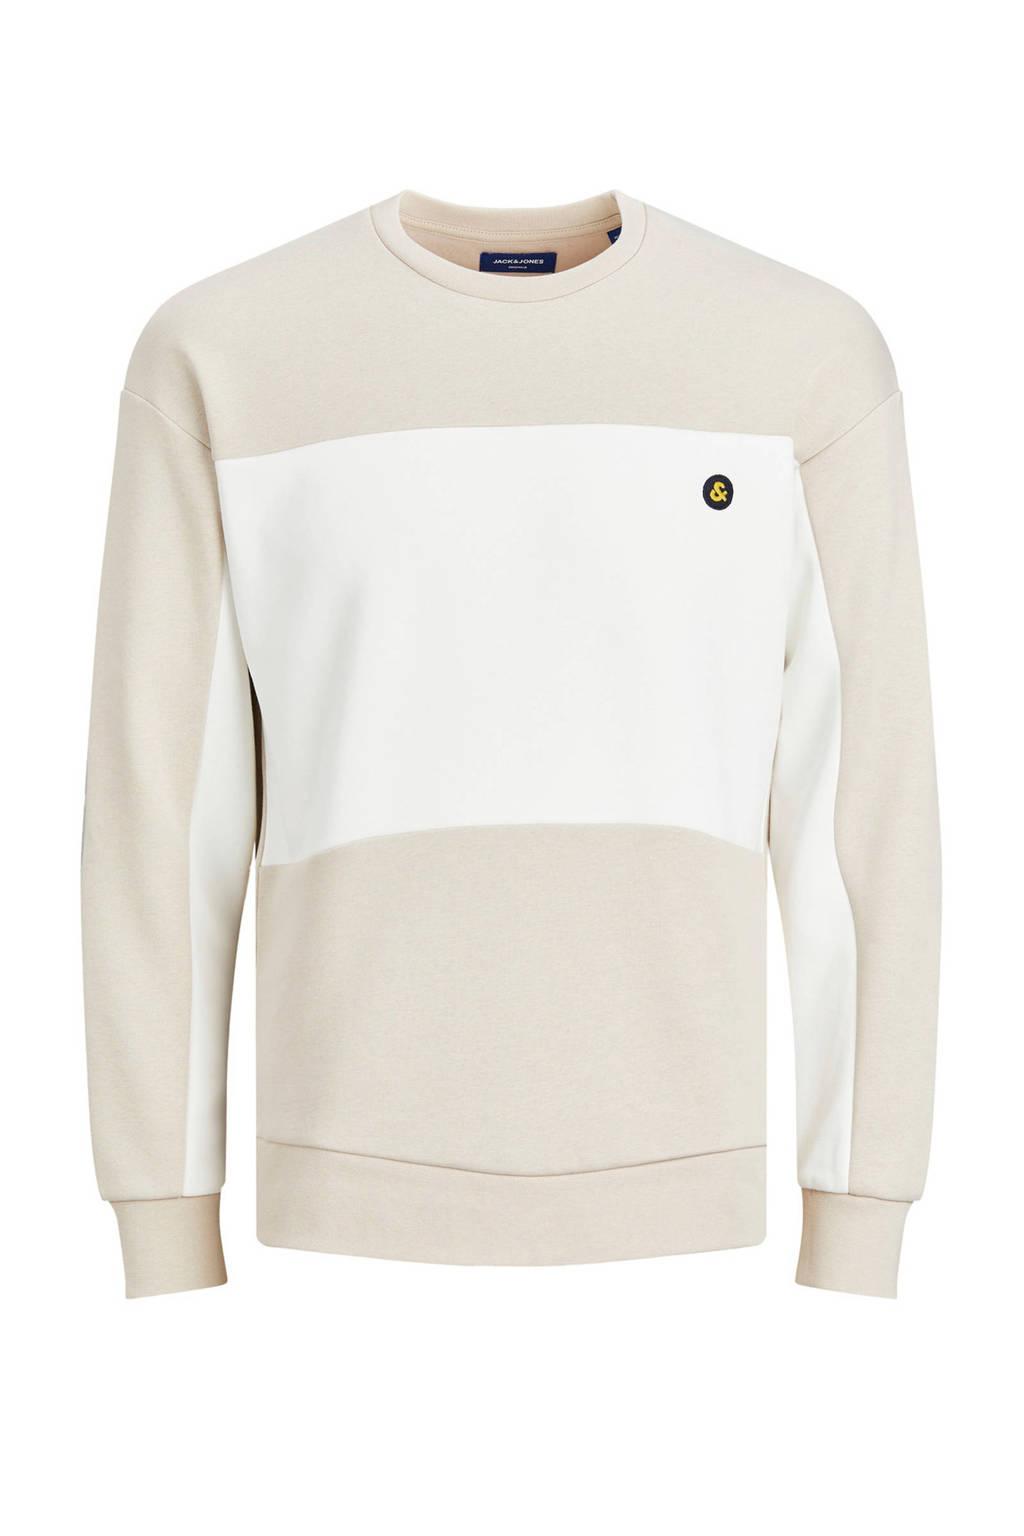 JACK & JONES ORIGINALS sweater beige/wit, Beige/wit